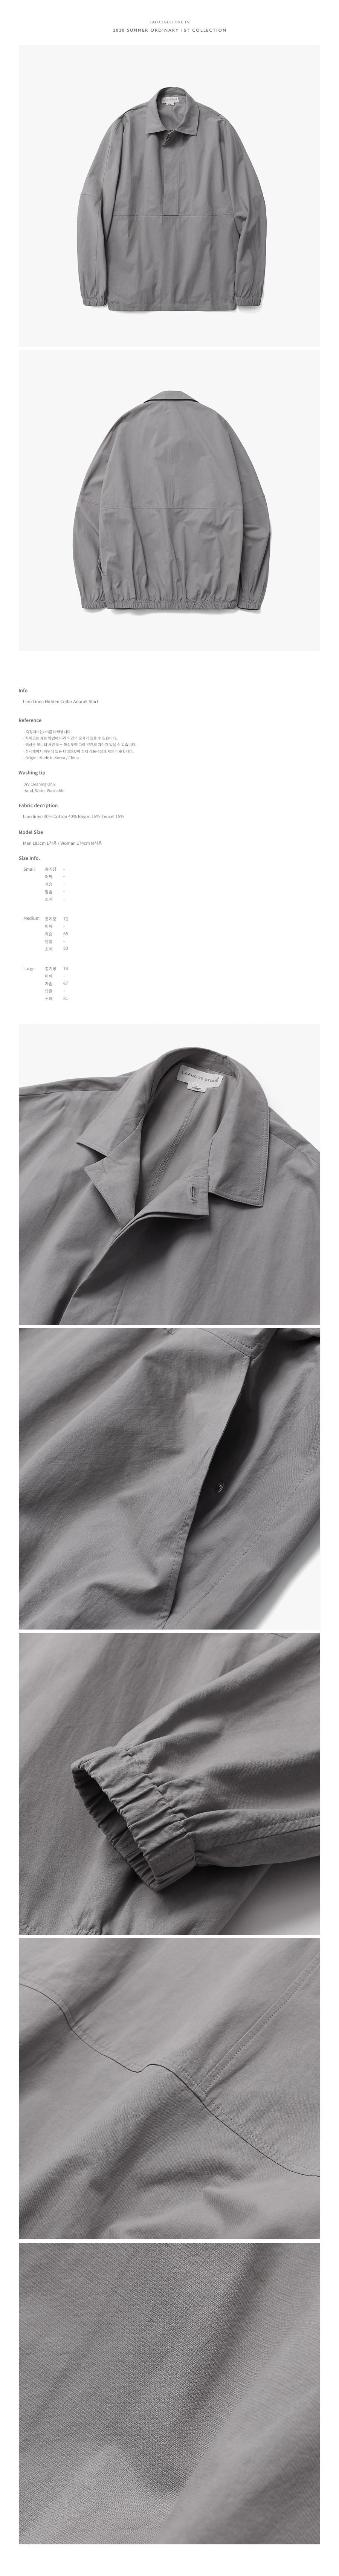 라퍼지스토어(LAFUDGESTORE) [썸머 ver.] 리노린넨 오디너리 히든 칼라 아노락 셔츠 _Slate Gray